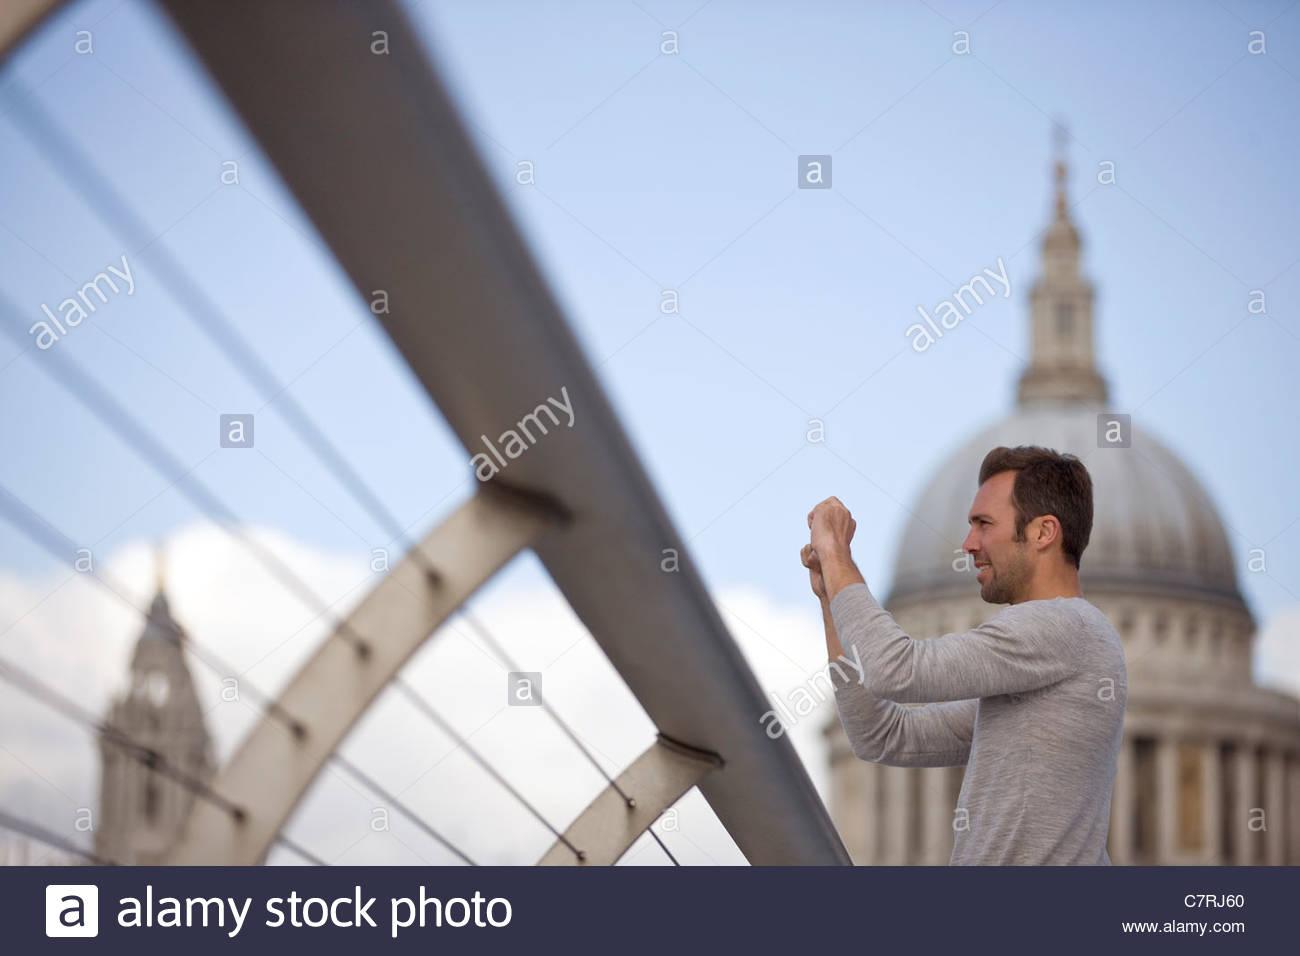 Ein Mid-Adult-Mann steht auf die Millennium Bridge, ein Foto Stockbild